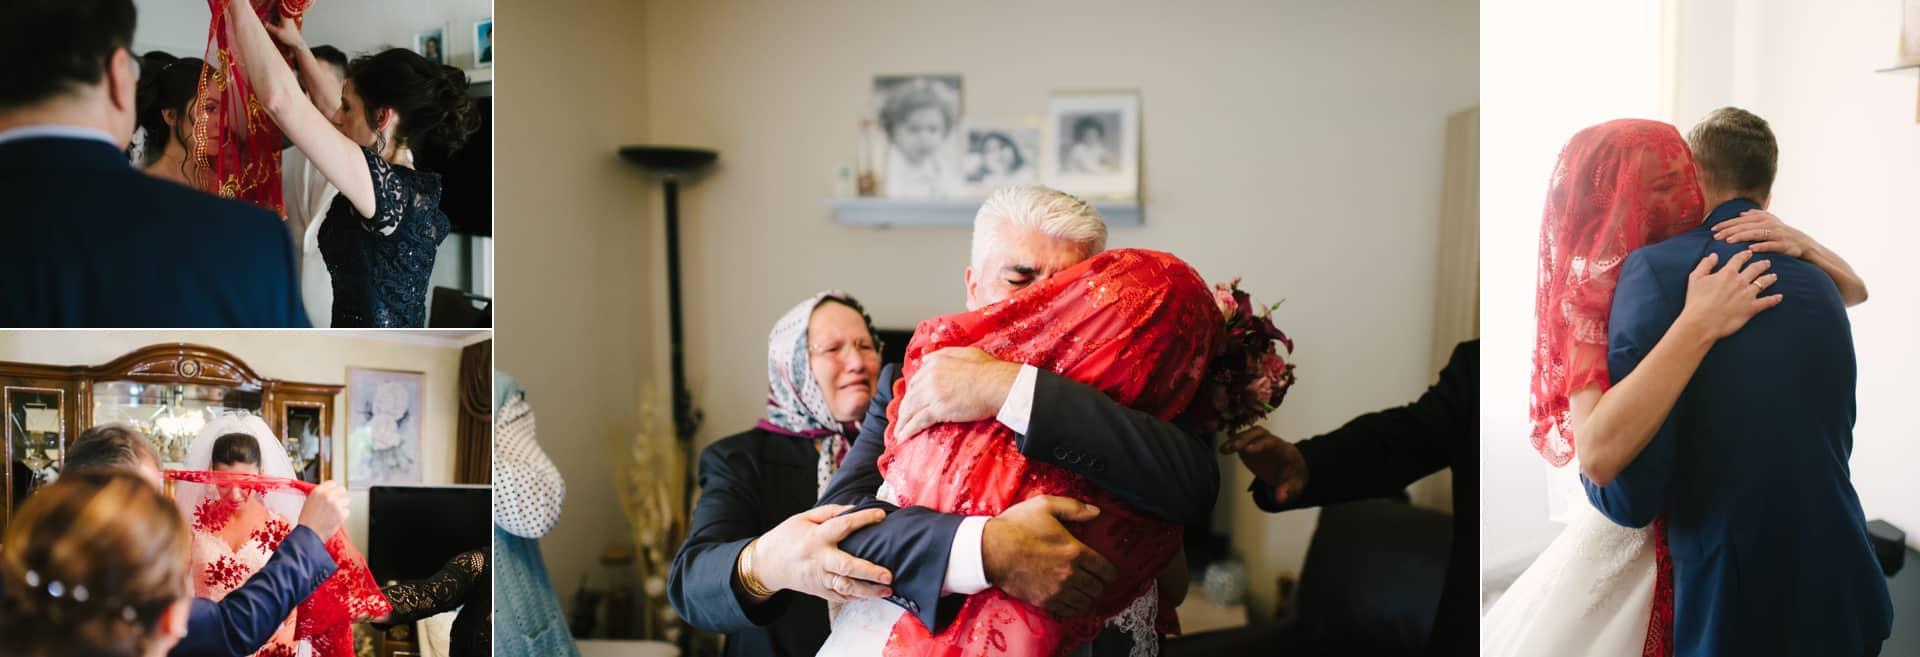 Der Braut wird ein rotes Tuch über den Kopf gelegt und dann verabschiedet sie sich von ihrer Familie bei der Brautabholung - Gelin Alma